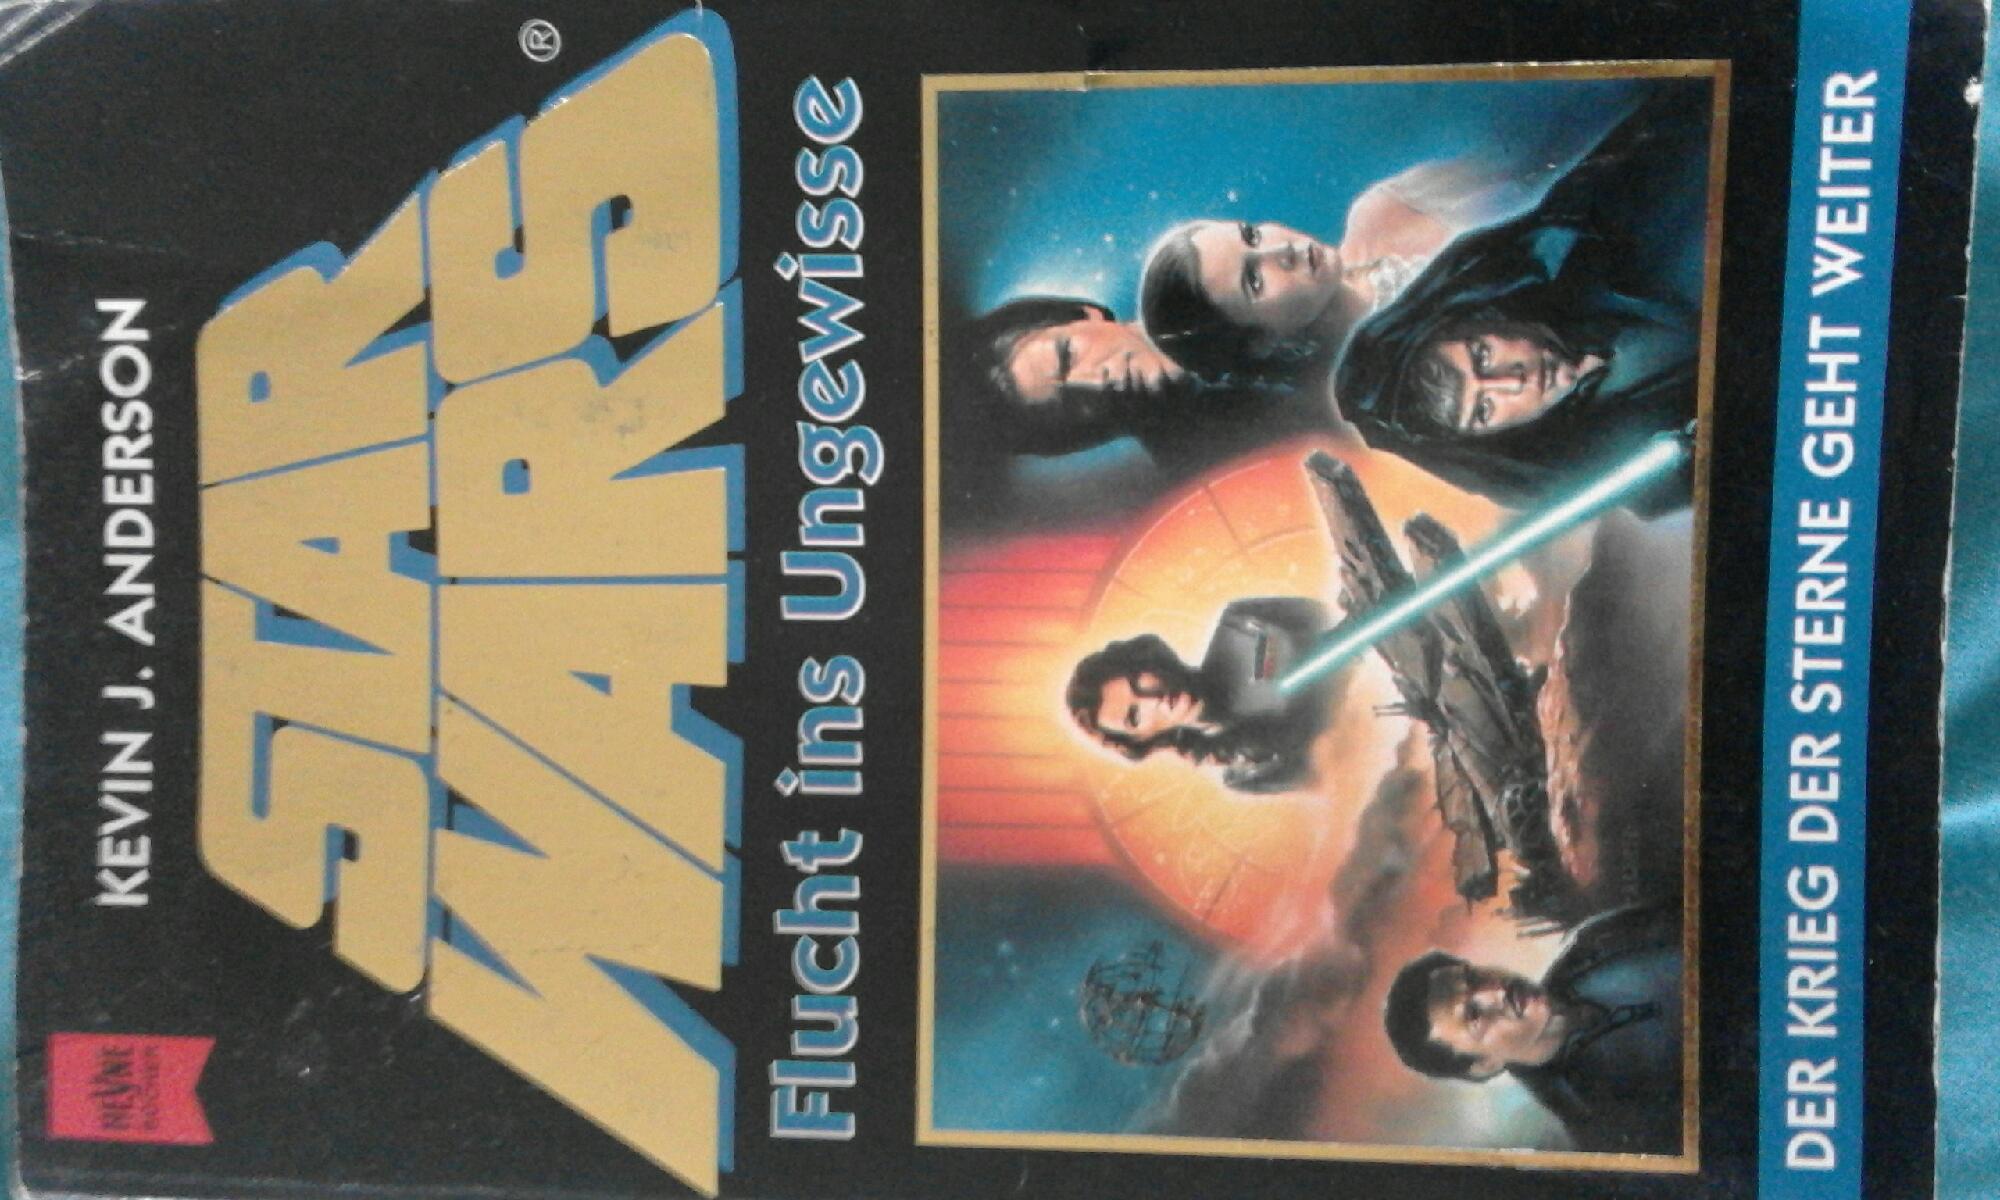 DURCHGELESEN! Buchrezension zum ersten Buch der Jedi-Akademie Trilogie